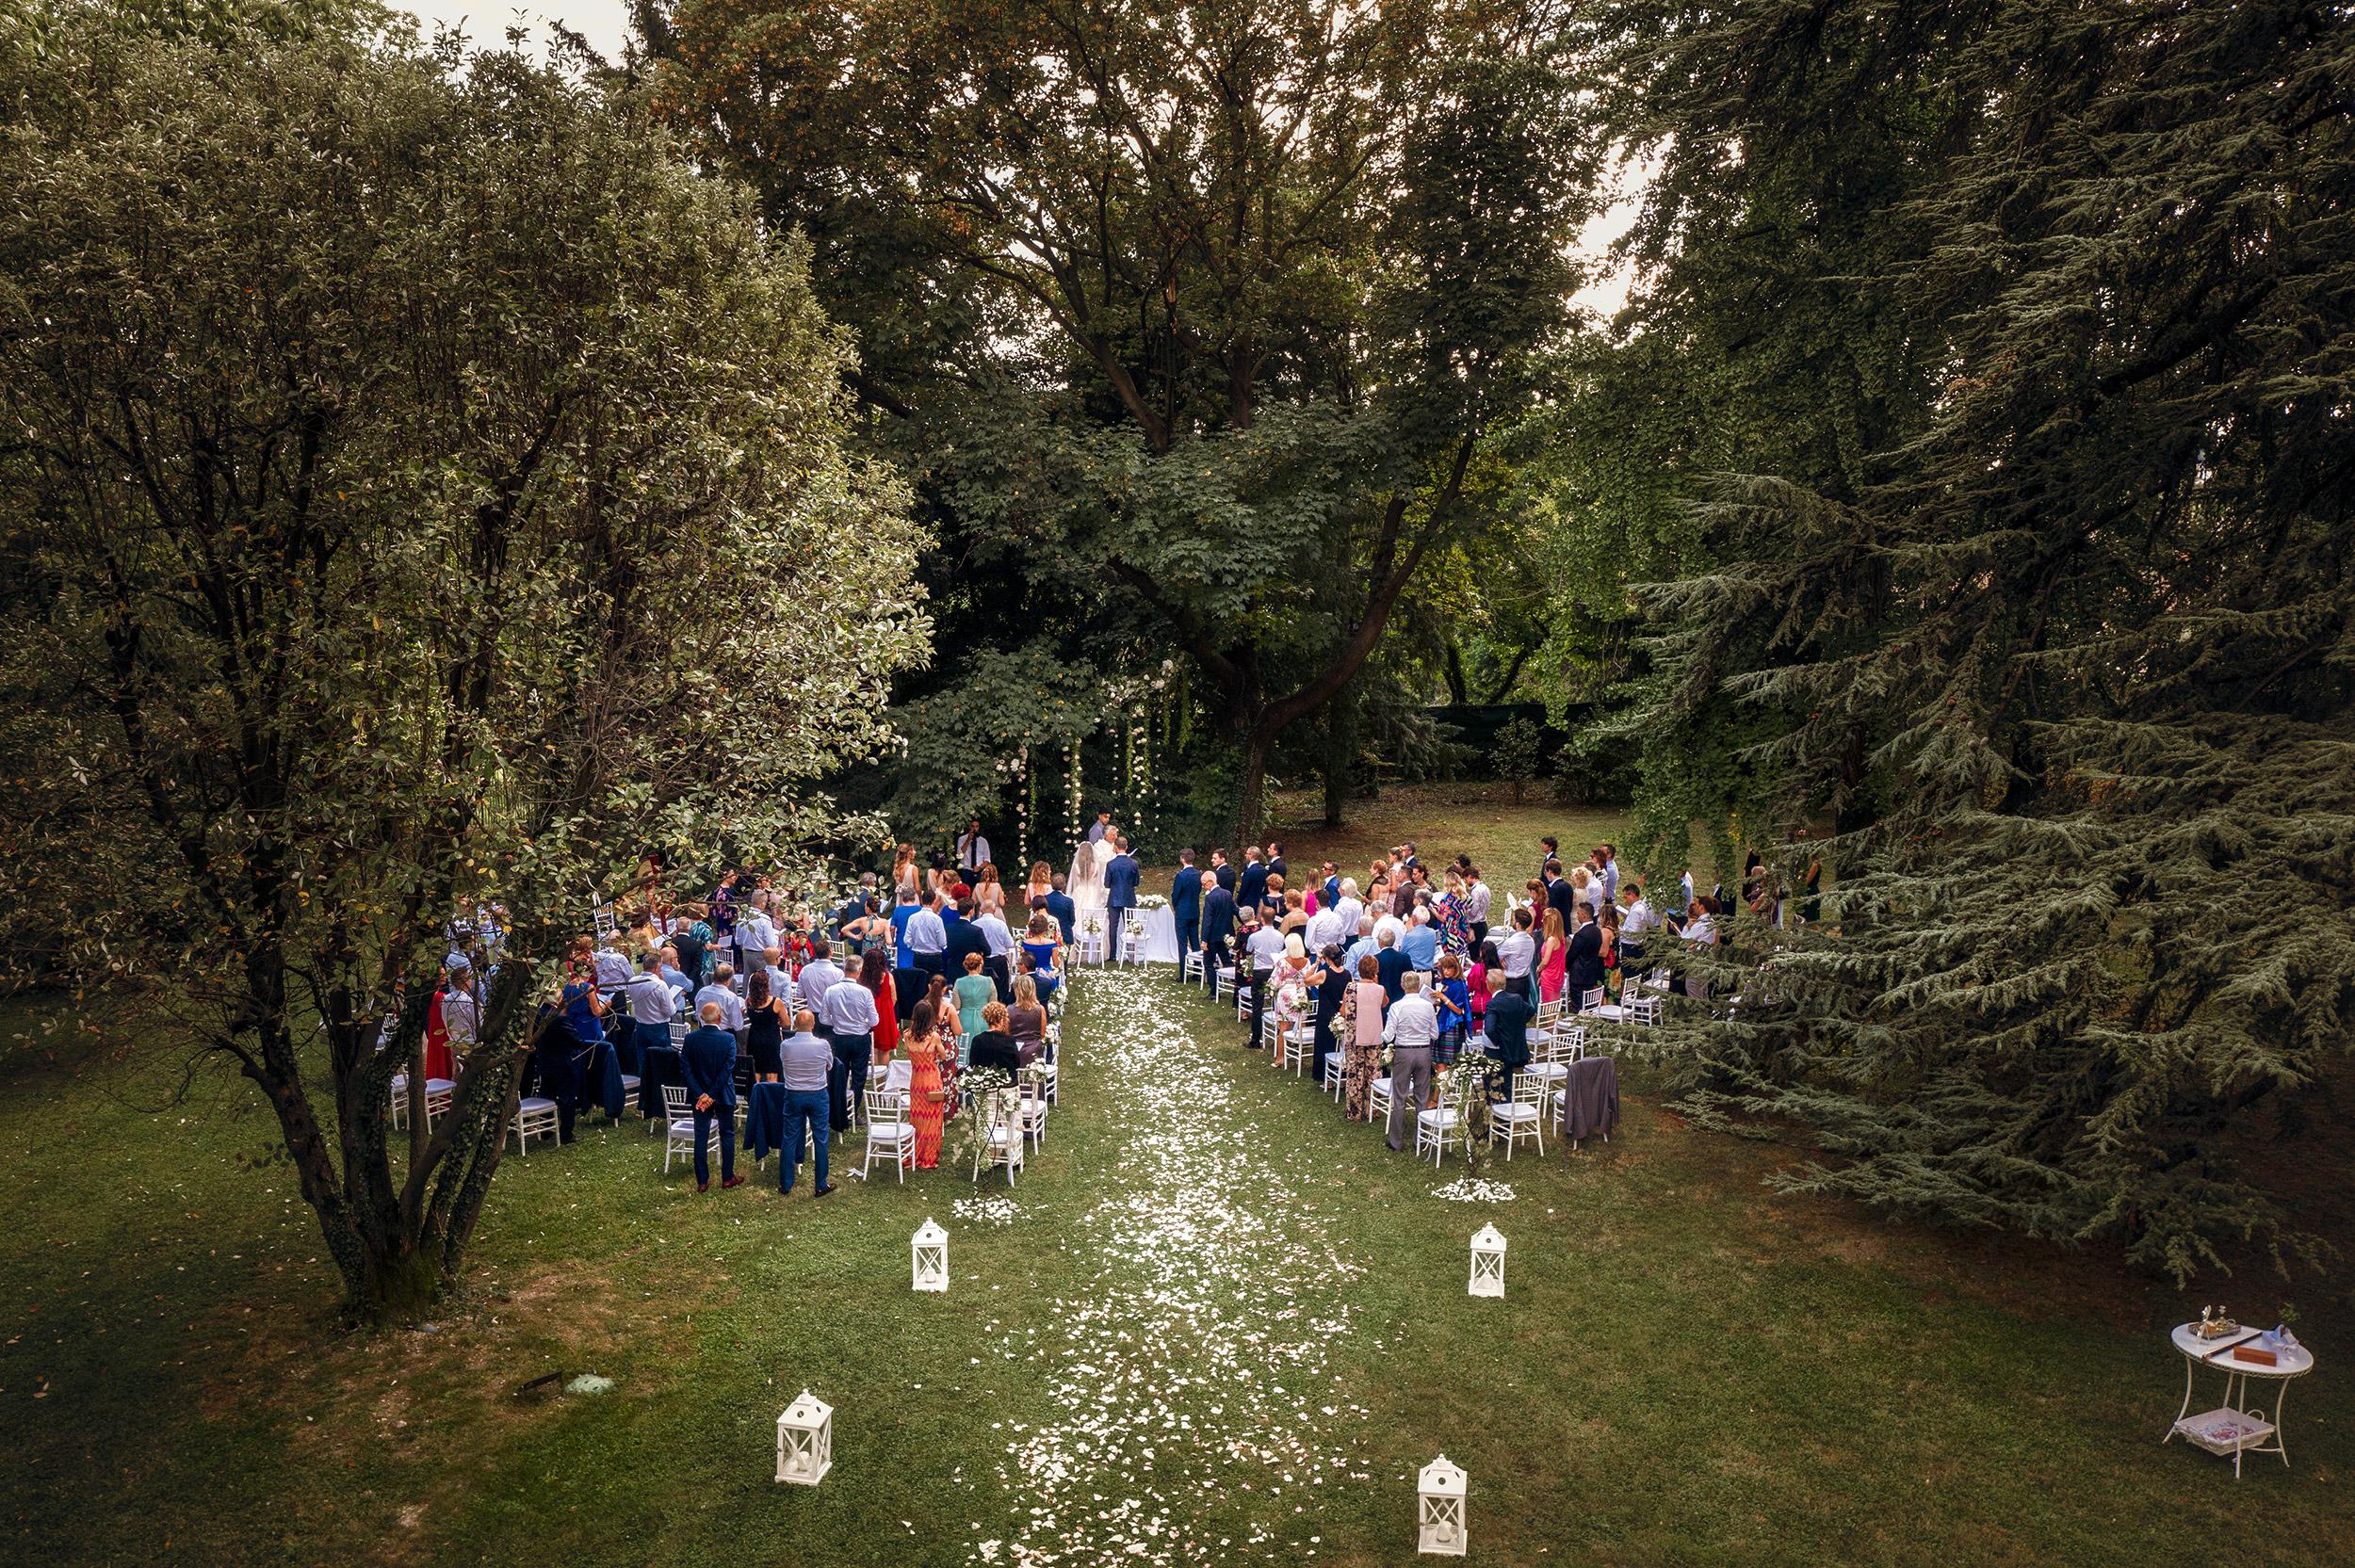 028 fotografo matrimonio drone rito religioso villa parravicino sossnovsky erba 4